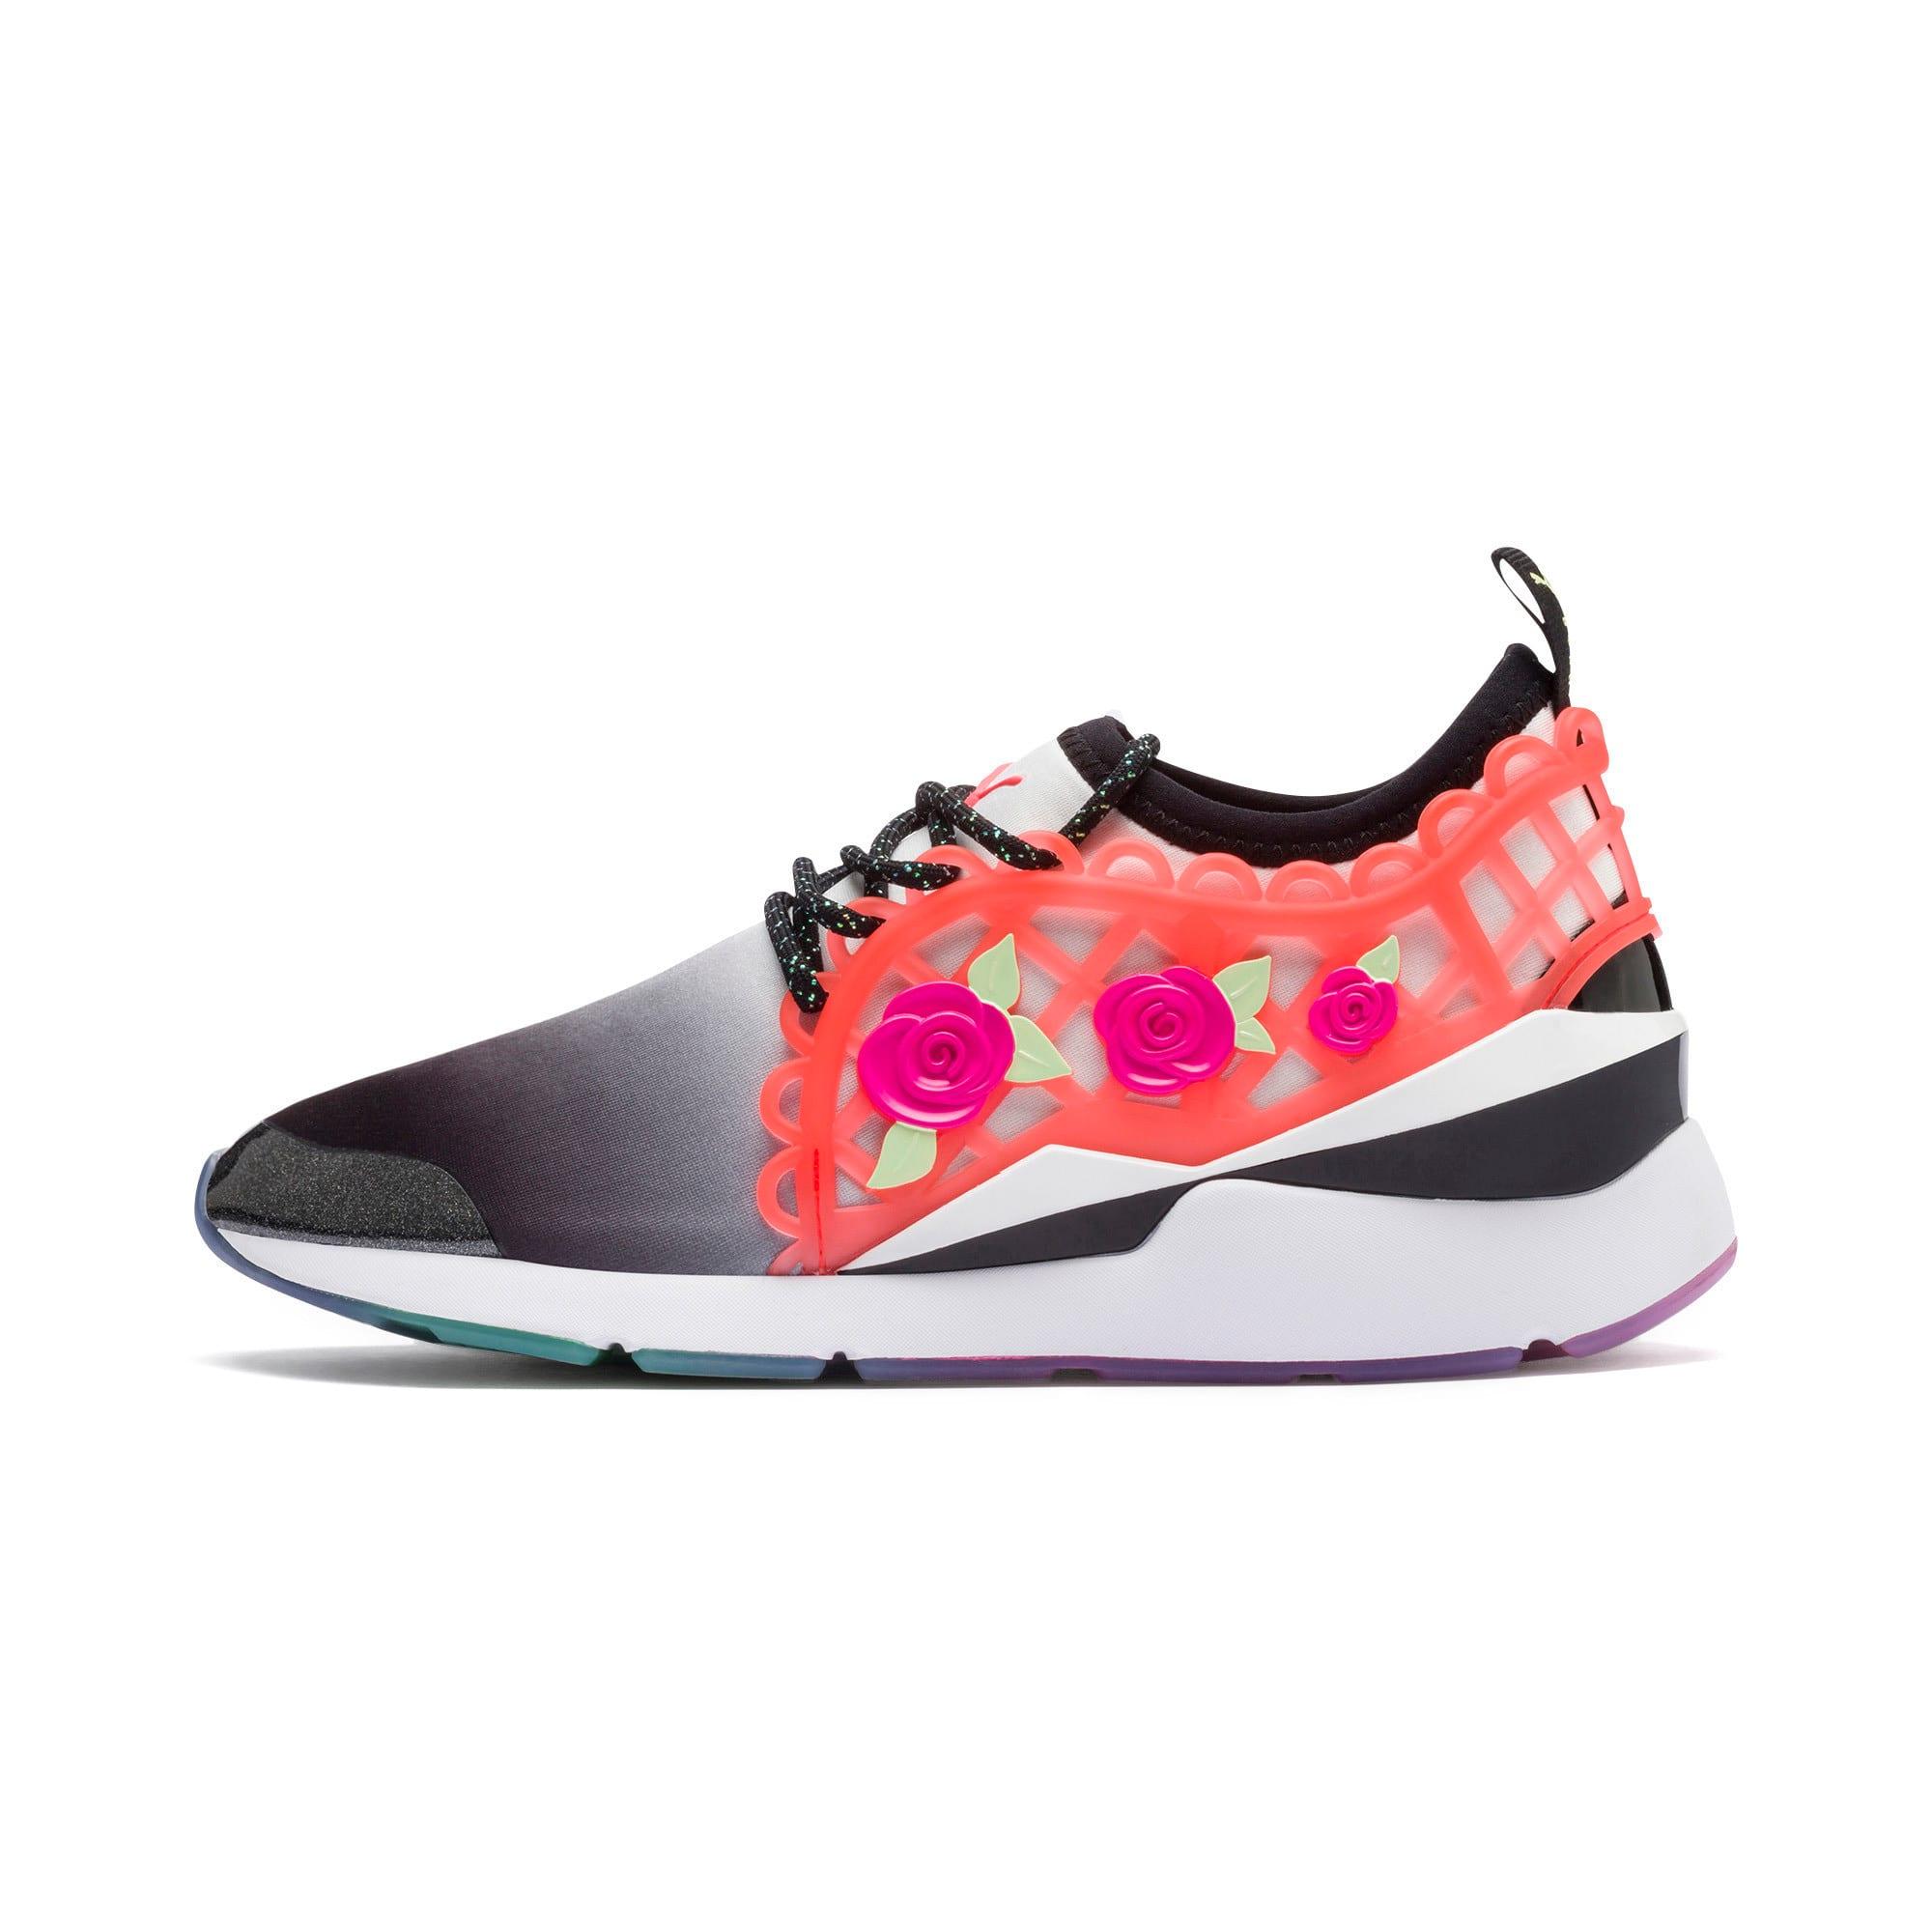 Miniatura 1 de Zapatos deportivos PUMA x SOPHIA WEBSTER Muse para mujer, Puma Black-Puma White, mediano